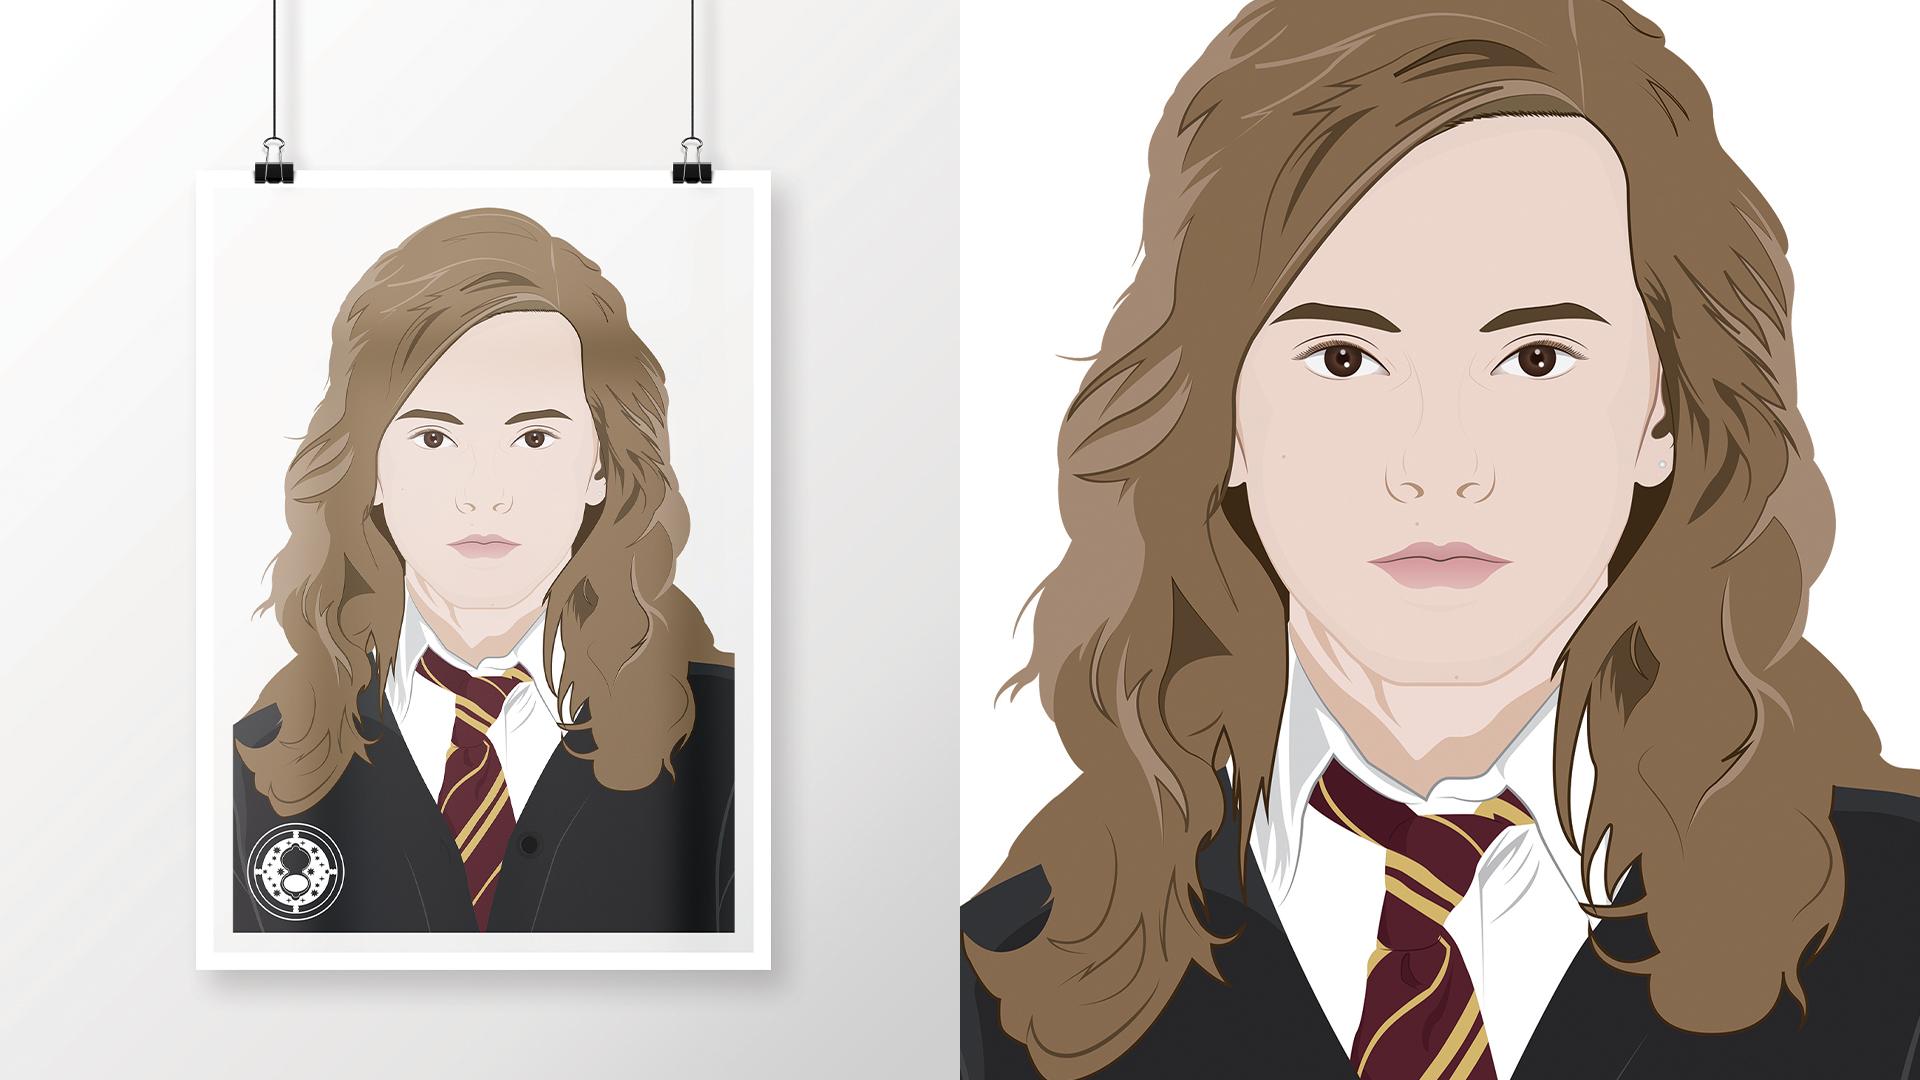 Emma Watson as Hermione Granger   As seen in Harry Potter